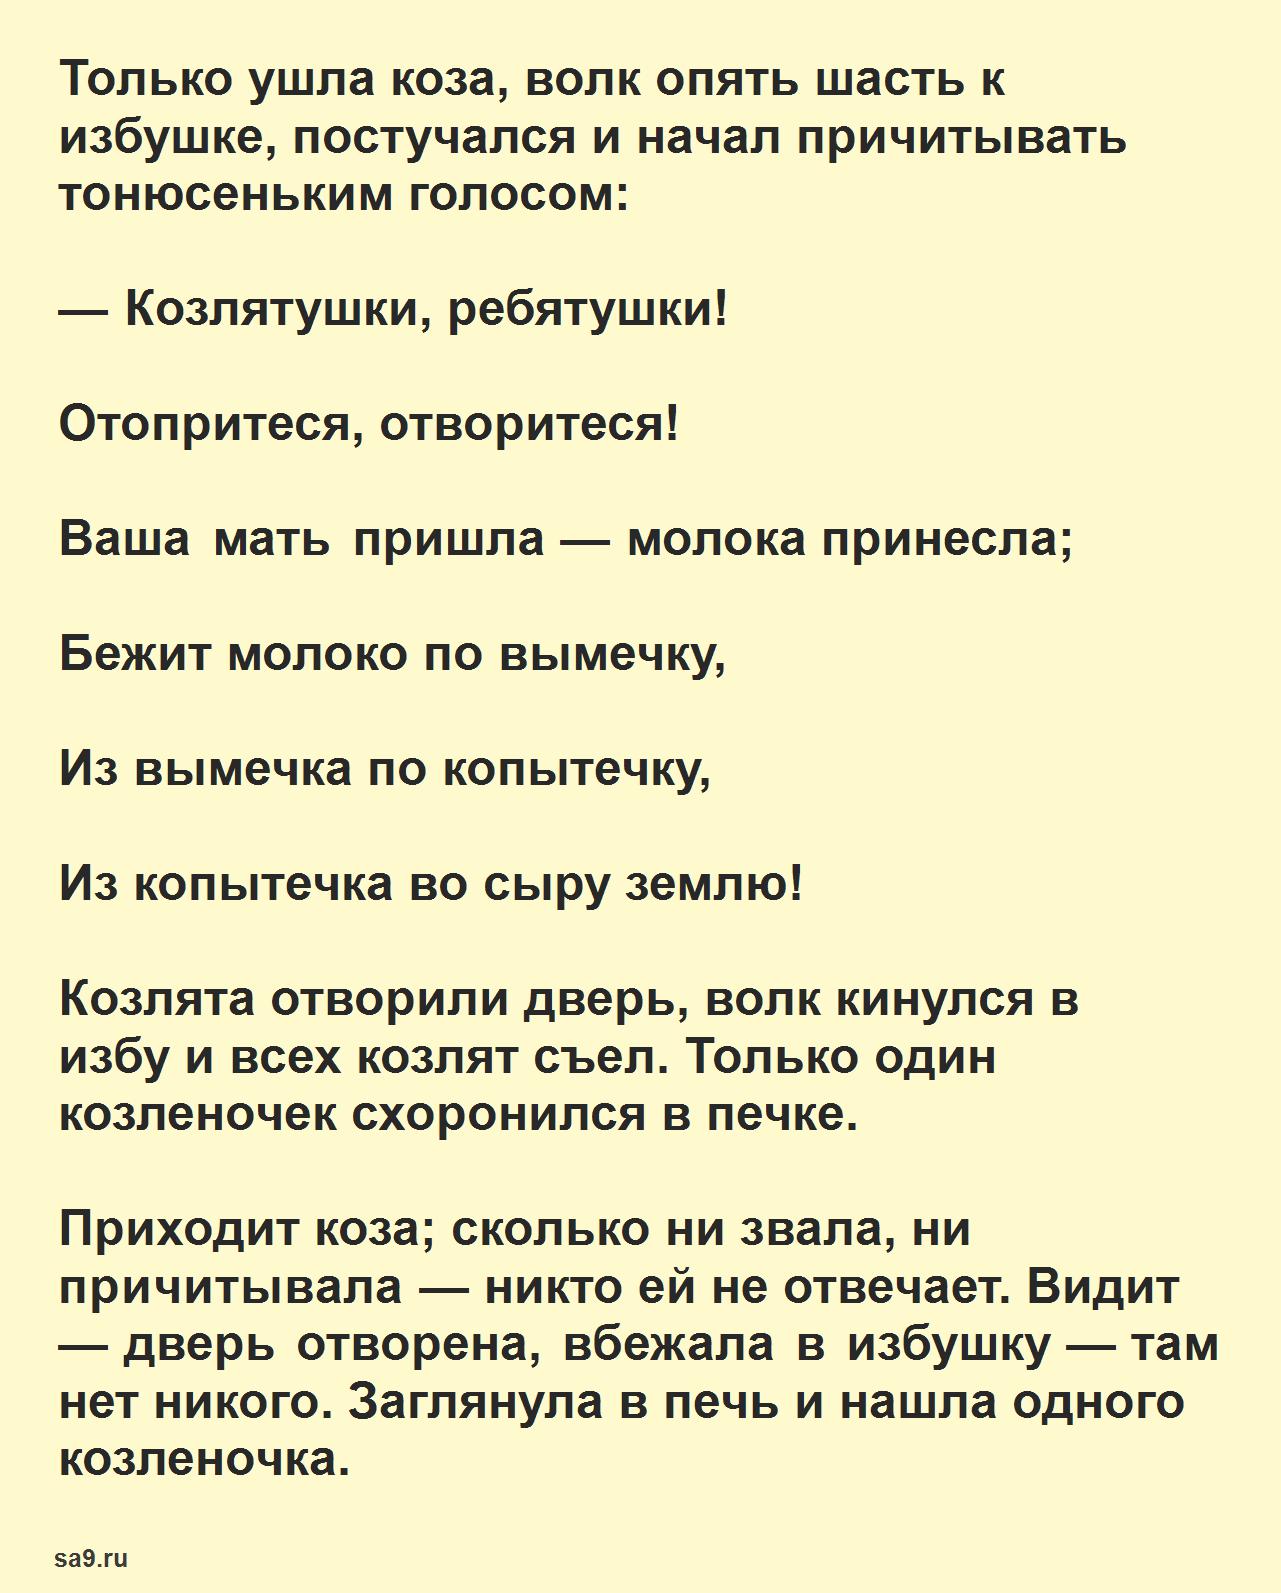 Читать русскую народную сказку - Волк и семеро козлят, для детей